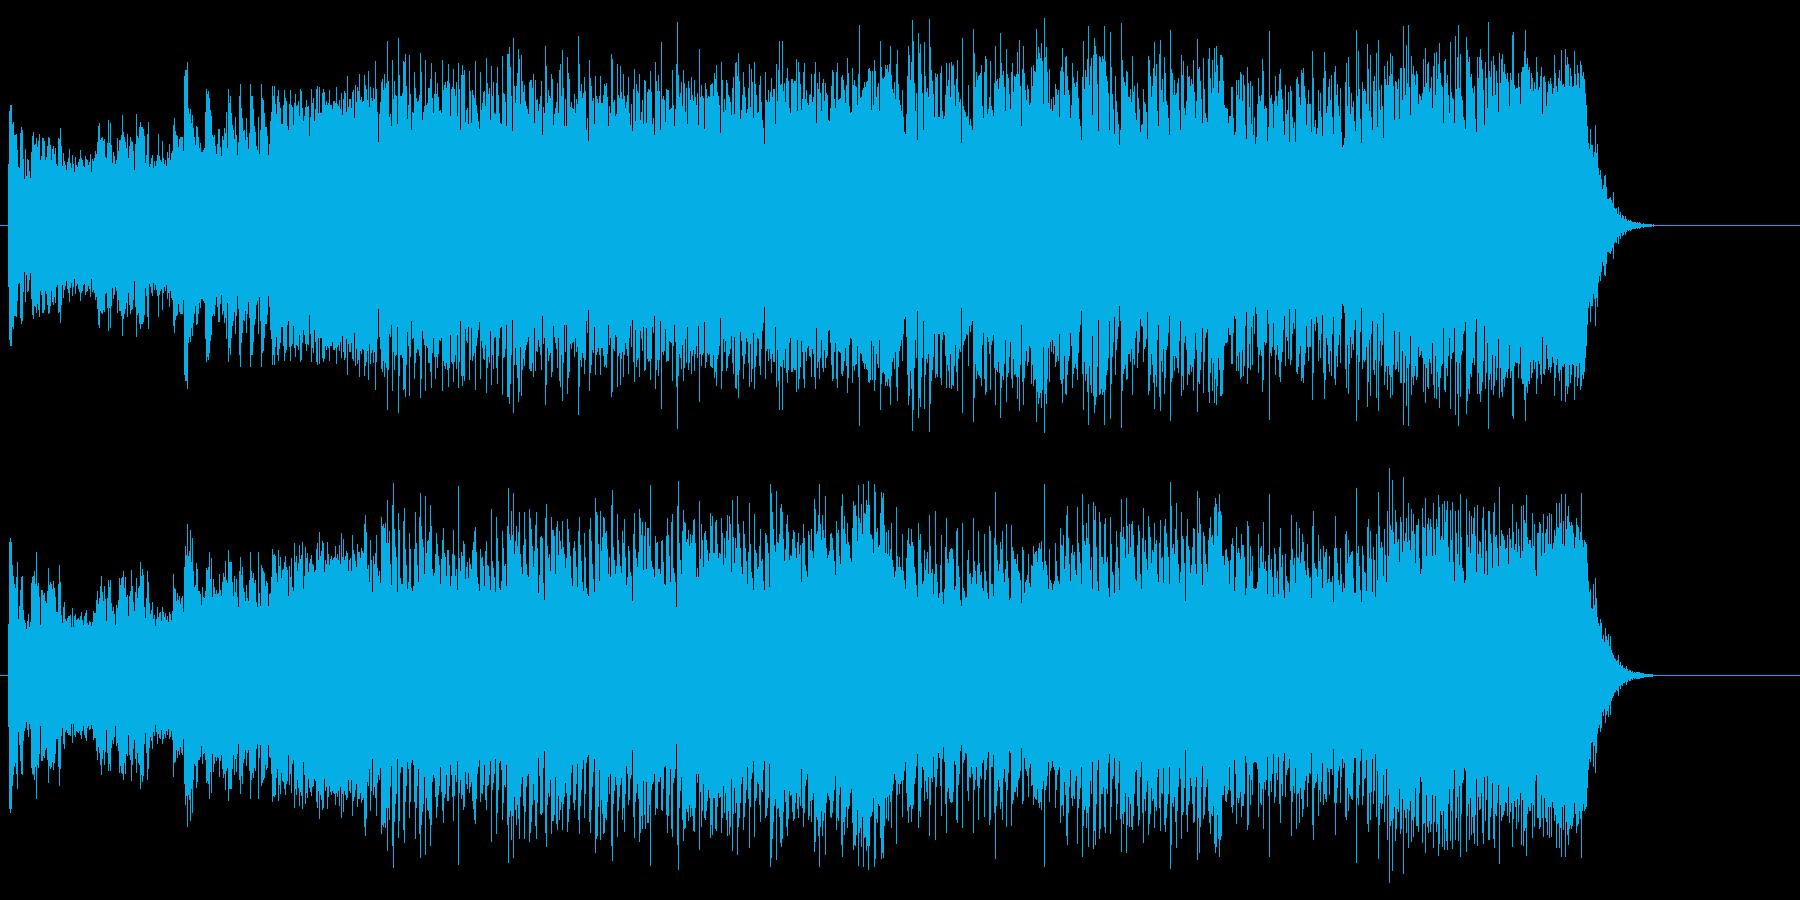 スピード感のあるダンスミュージックの再生済みの波形